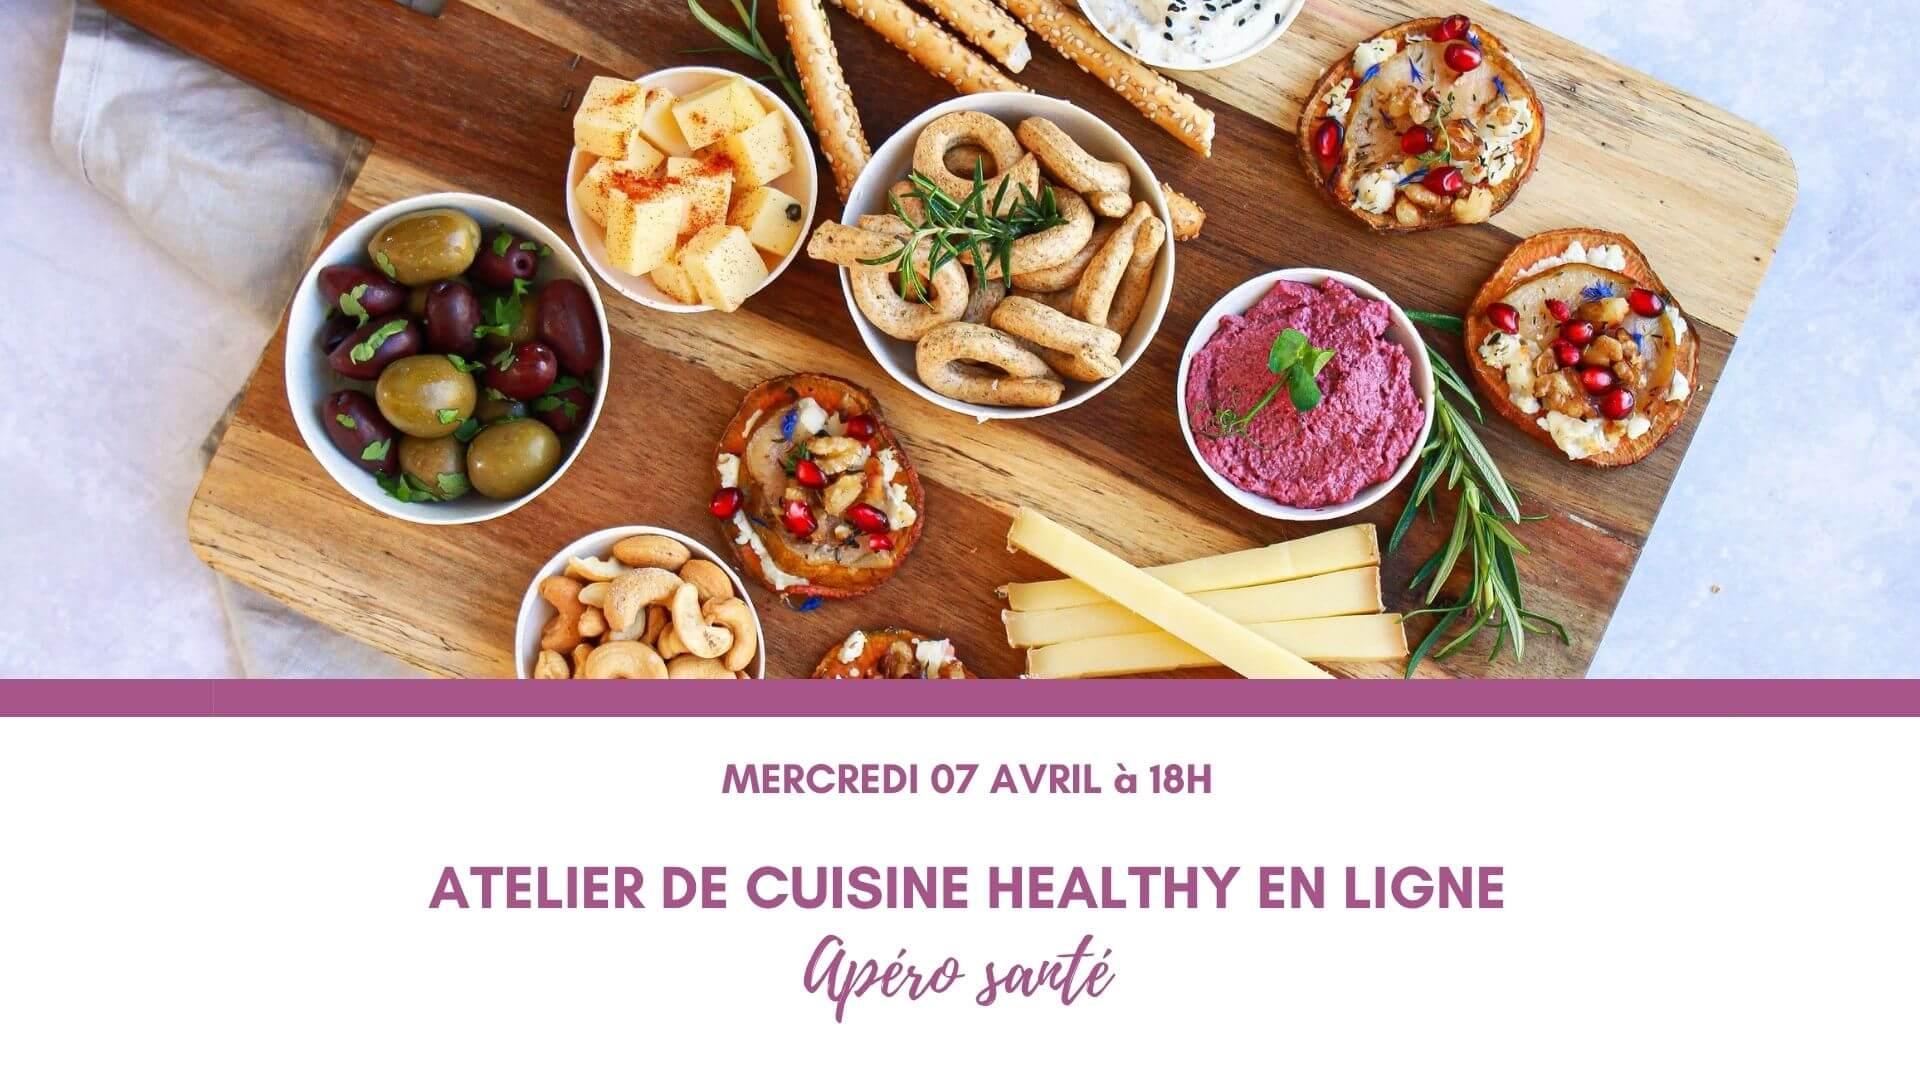 atelier cuisine apéro santé mint